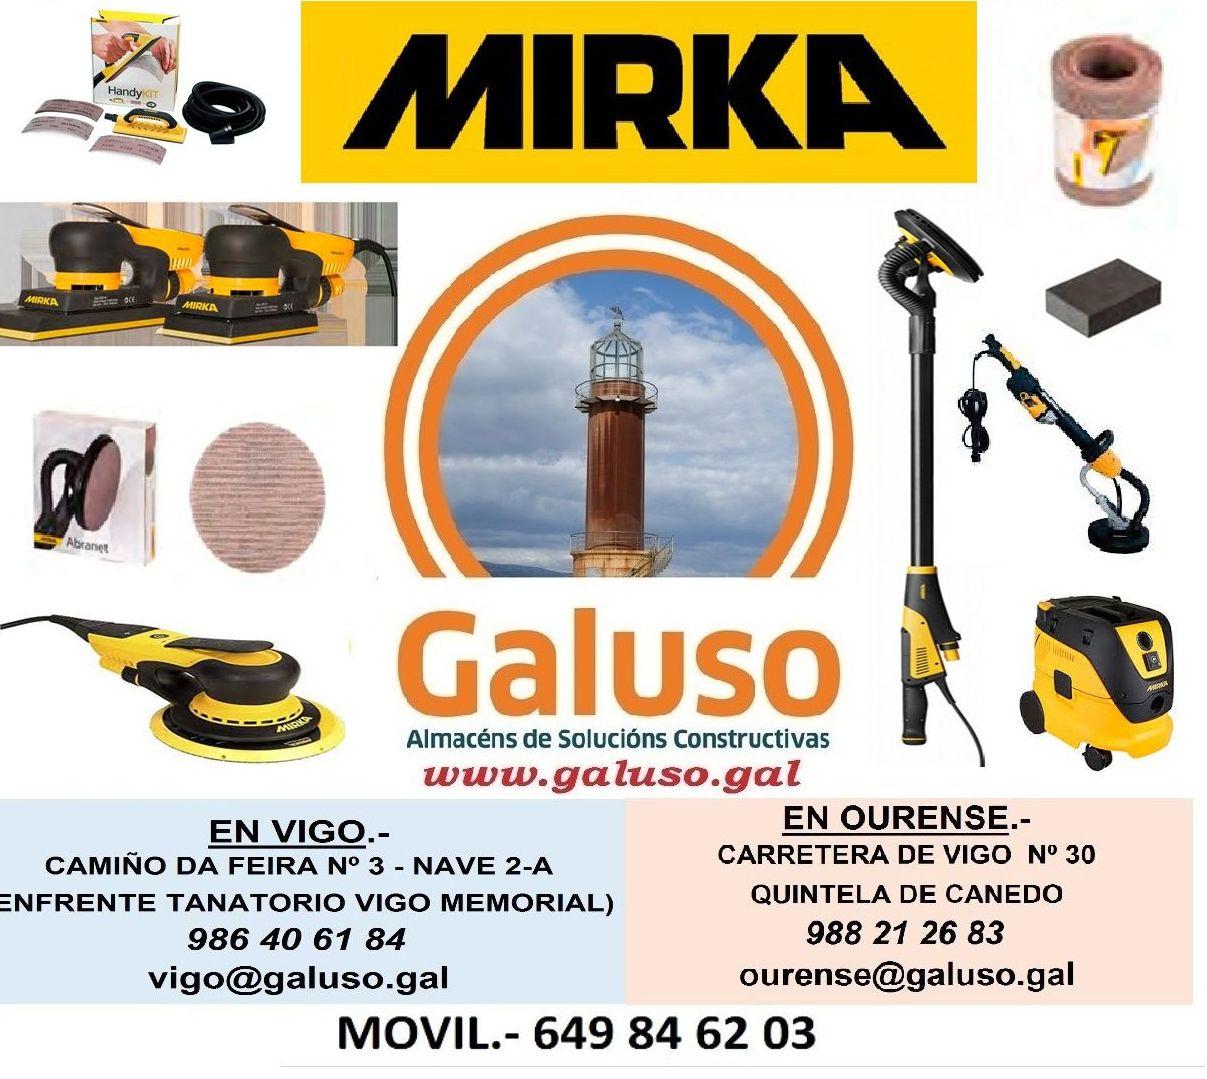 MIRKA: Catálogo de Galuso